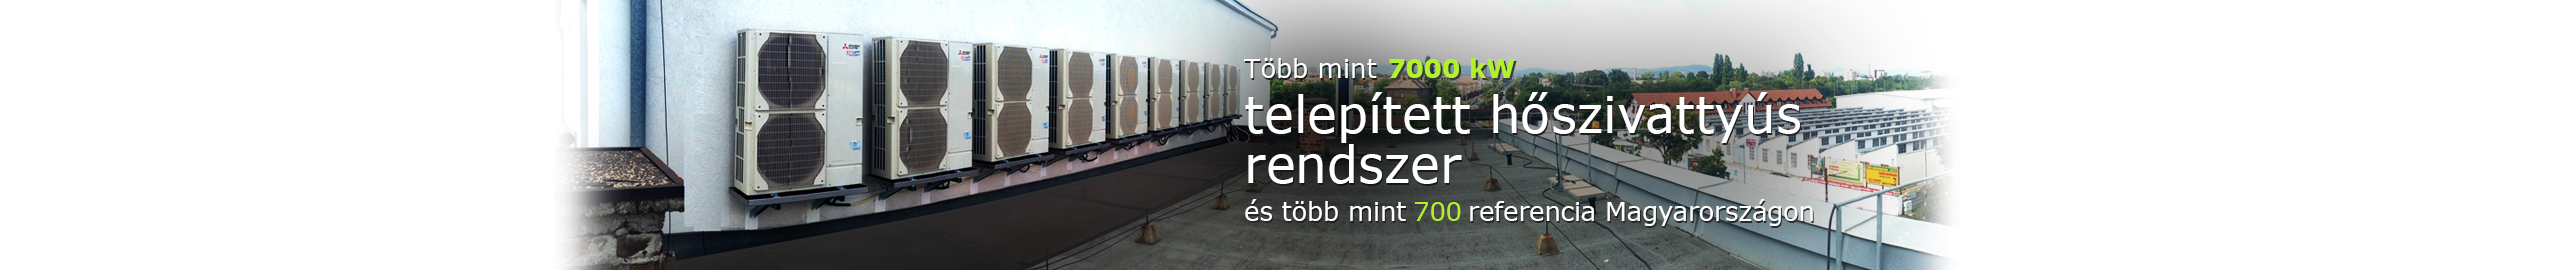 Több mint 7000 telepített hőszivattyús rendszer a COP Rendszertechnikától